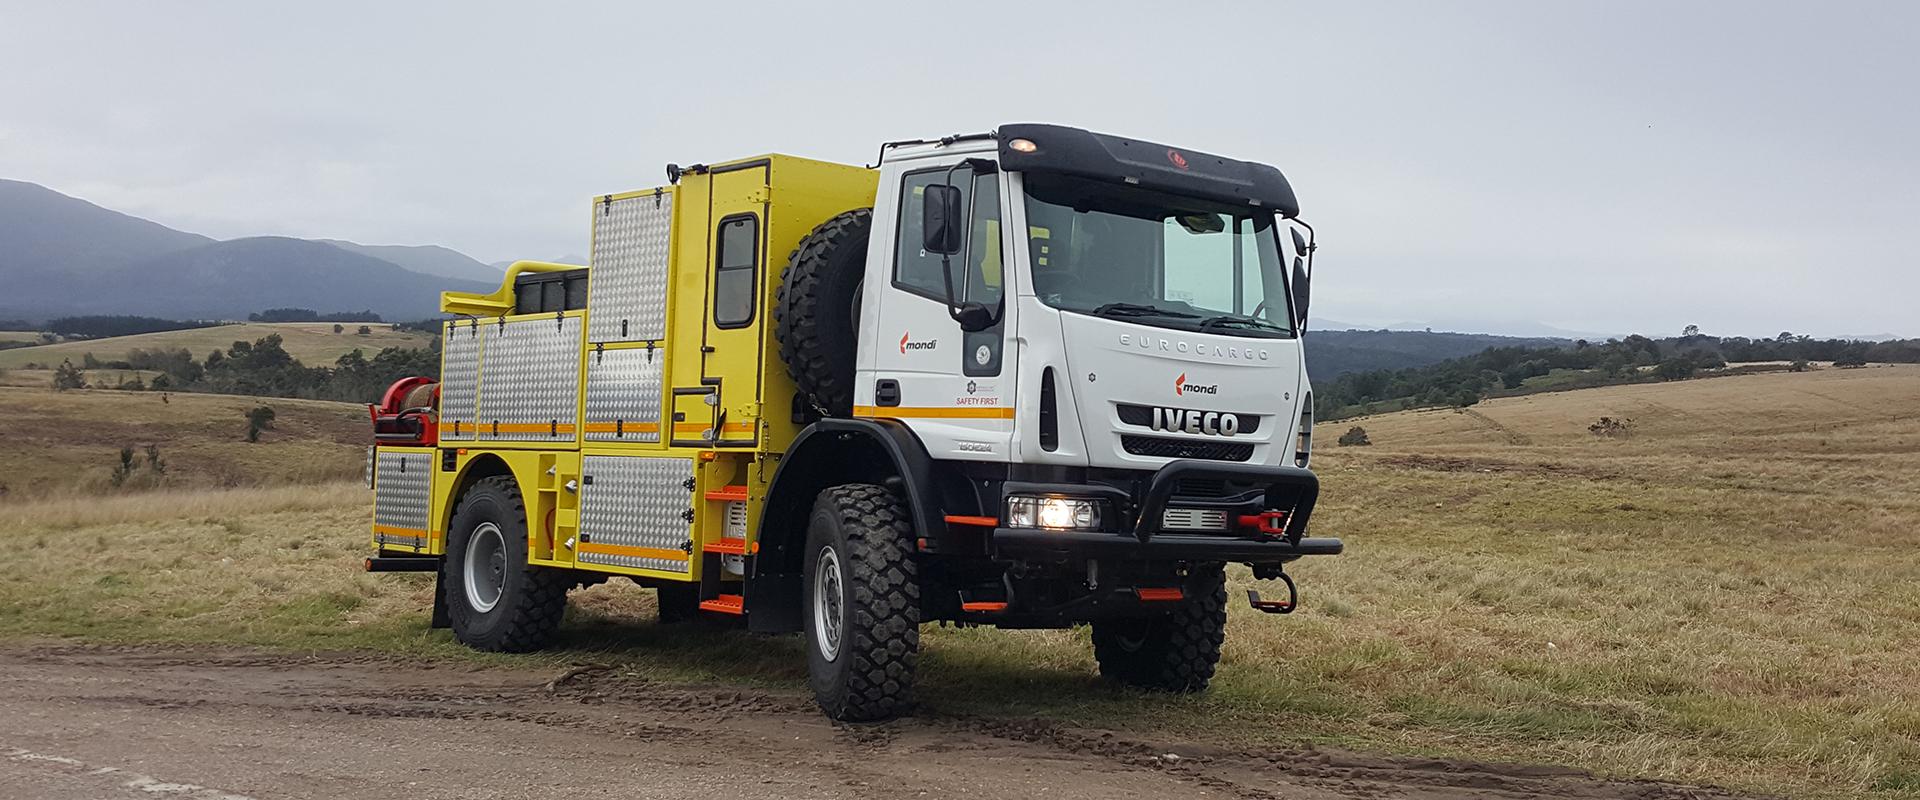 novelcnc fire truck